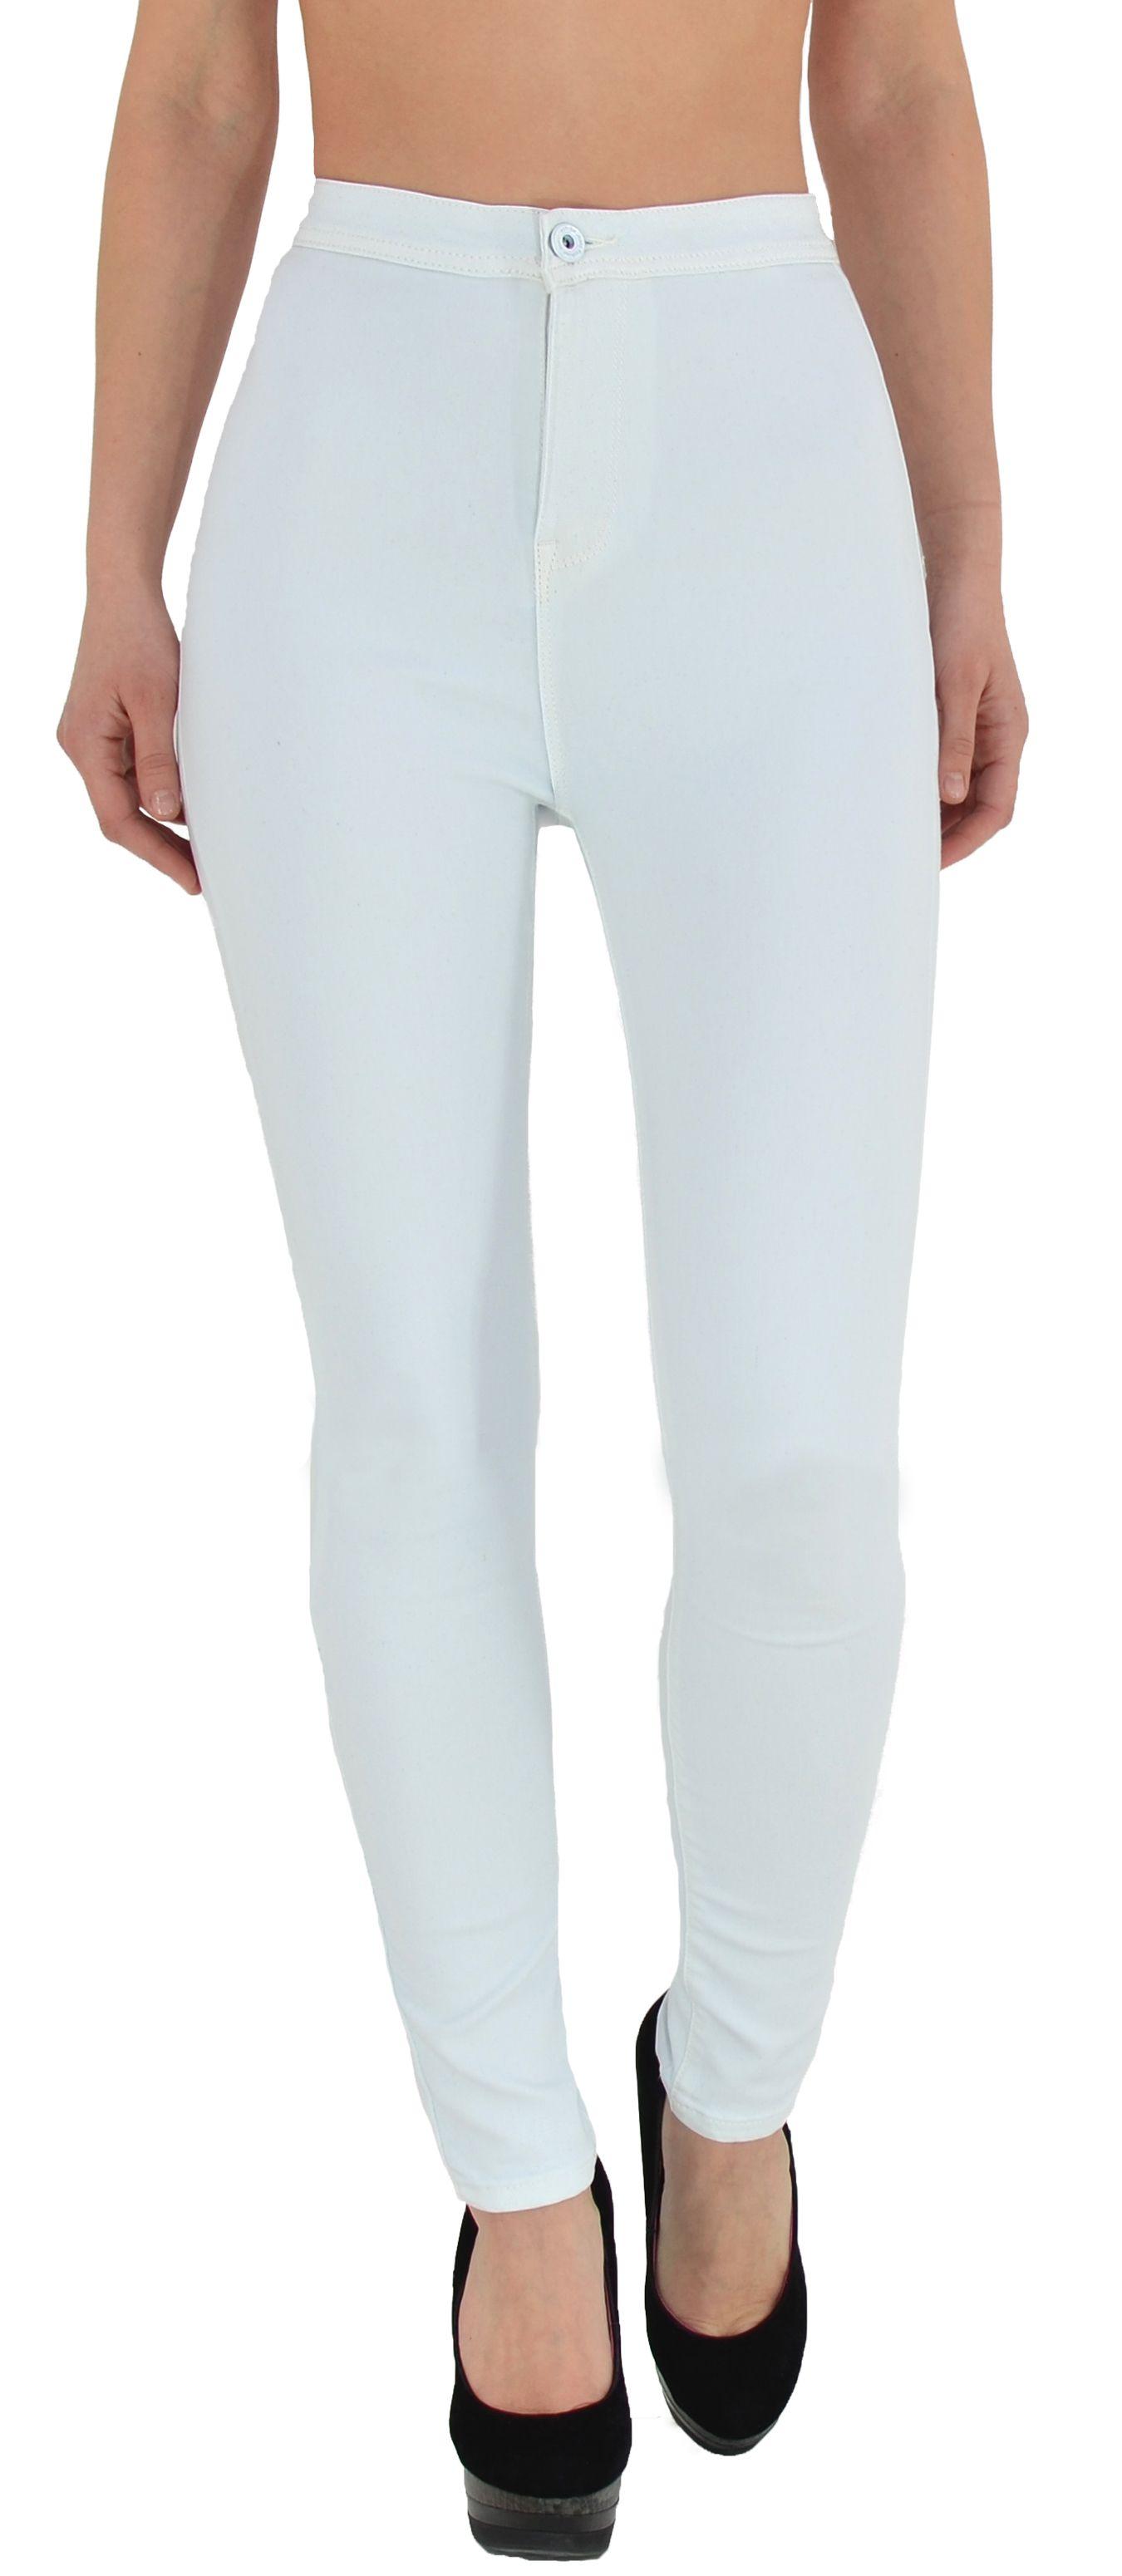 Esra Damen Skinny High Waist Jeans Weiss Damen Damen Jeans Weisse Jeans